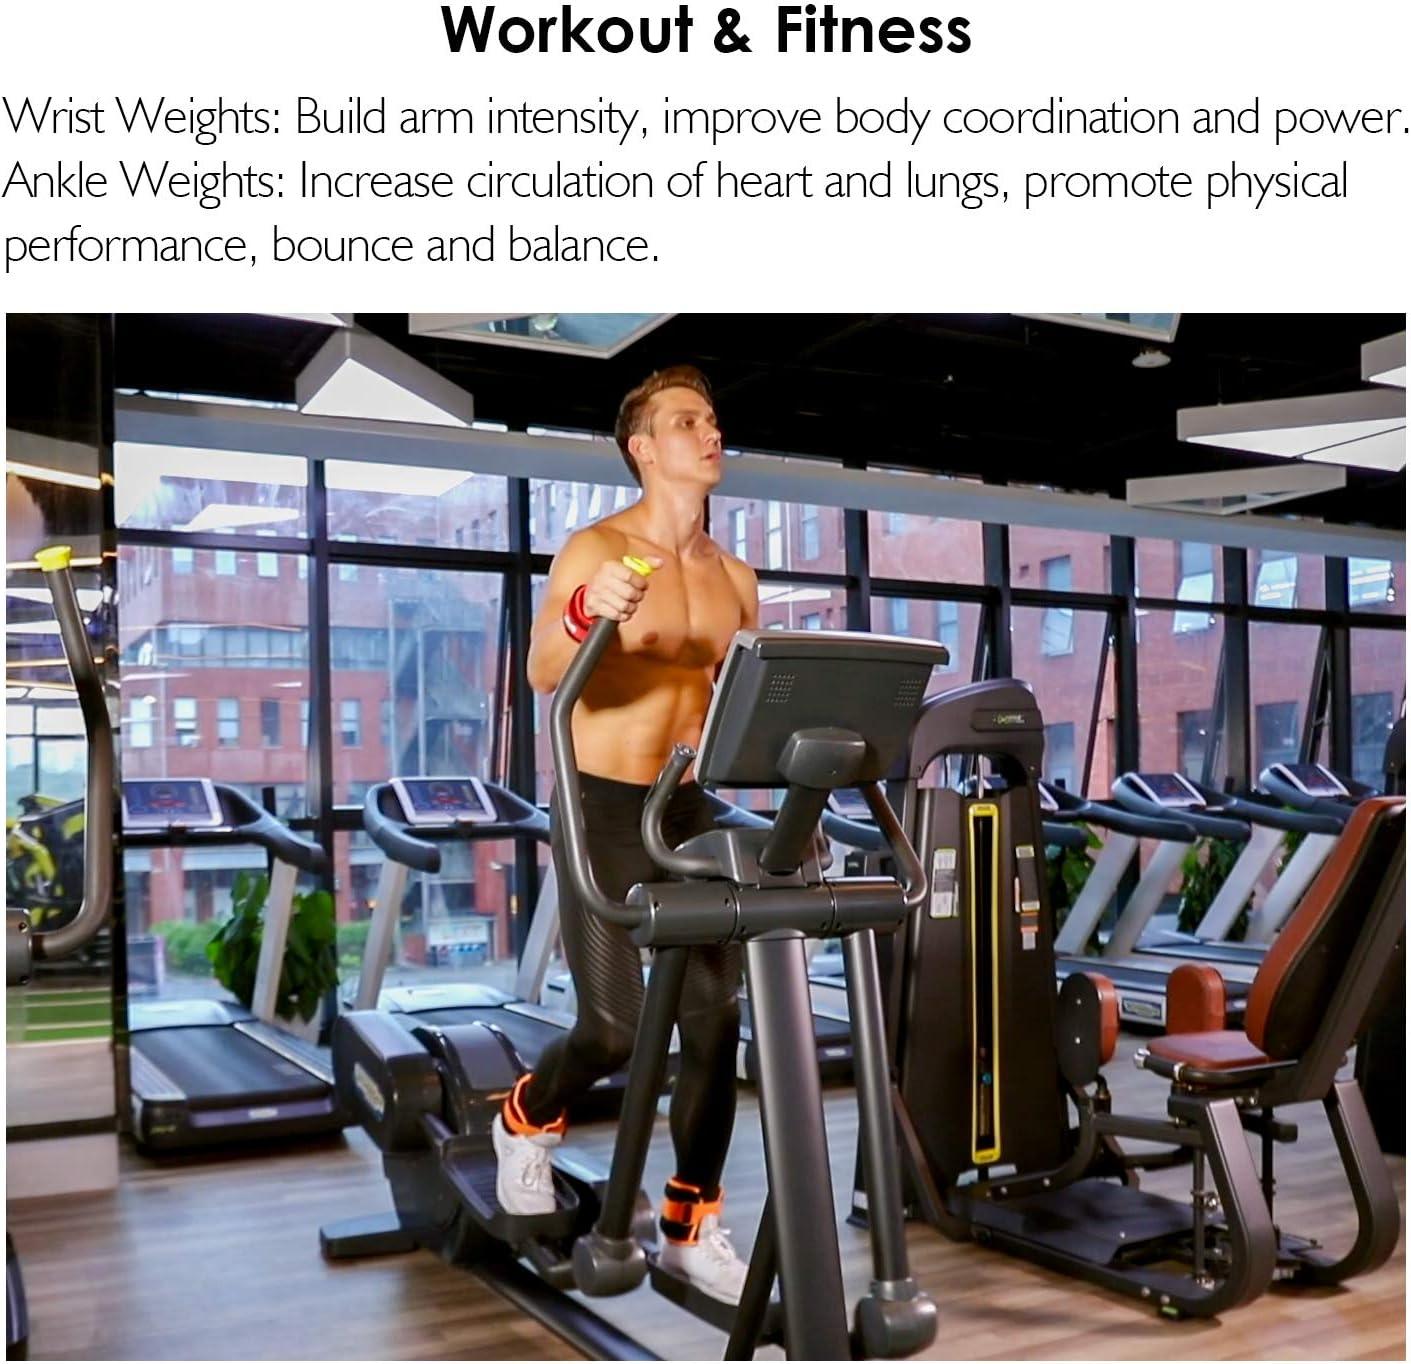 Gymnastik Laufen 1 Paar 1LB bis 10LBS// 0.5KG-4.6KG f/ür Fitness REEHUT Gewichtsmanschetten Fu/ßgelenk Bewegung Armgewichte Handgelenkgewichte Verstellbar Laufgewichte Set Joggen